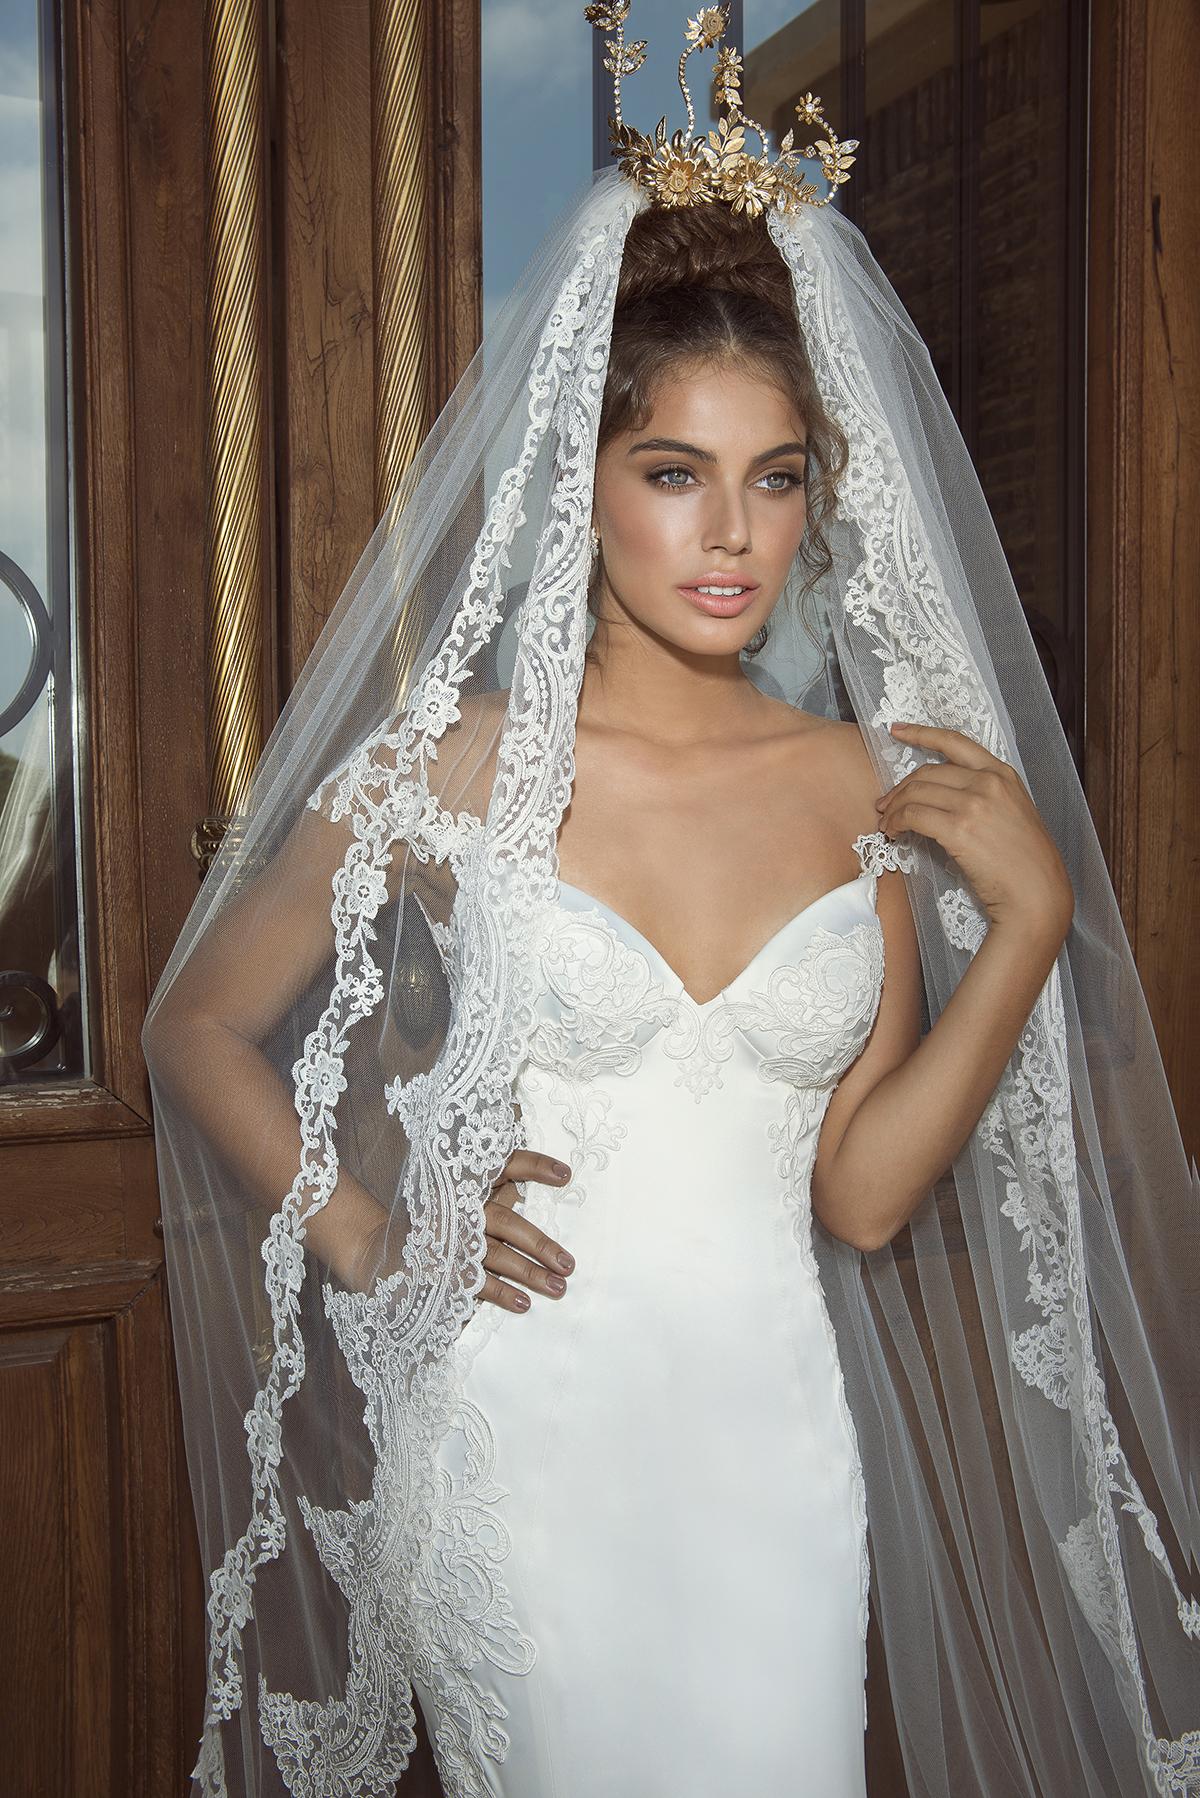 Fiona + iris veil